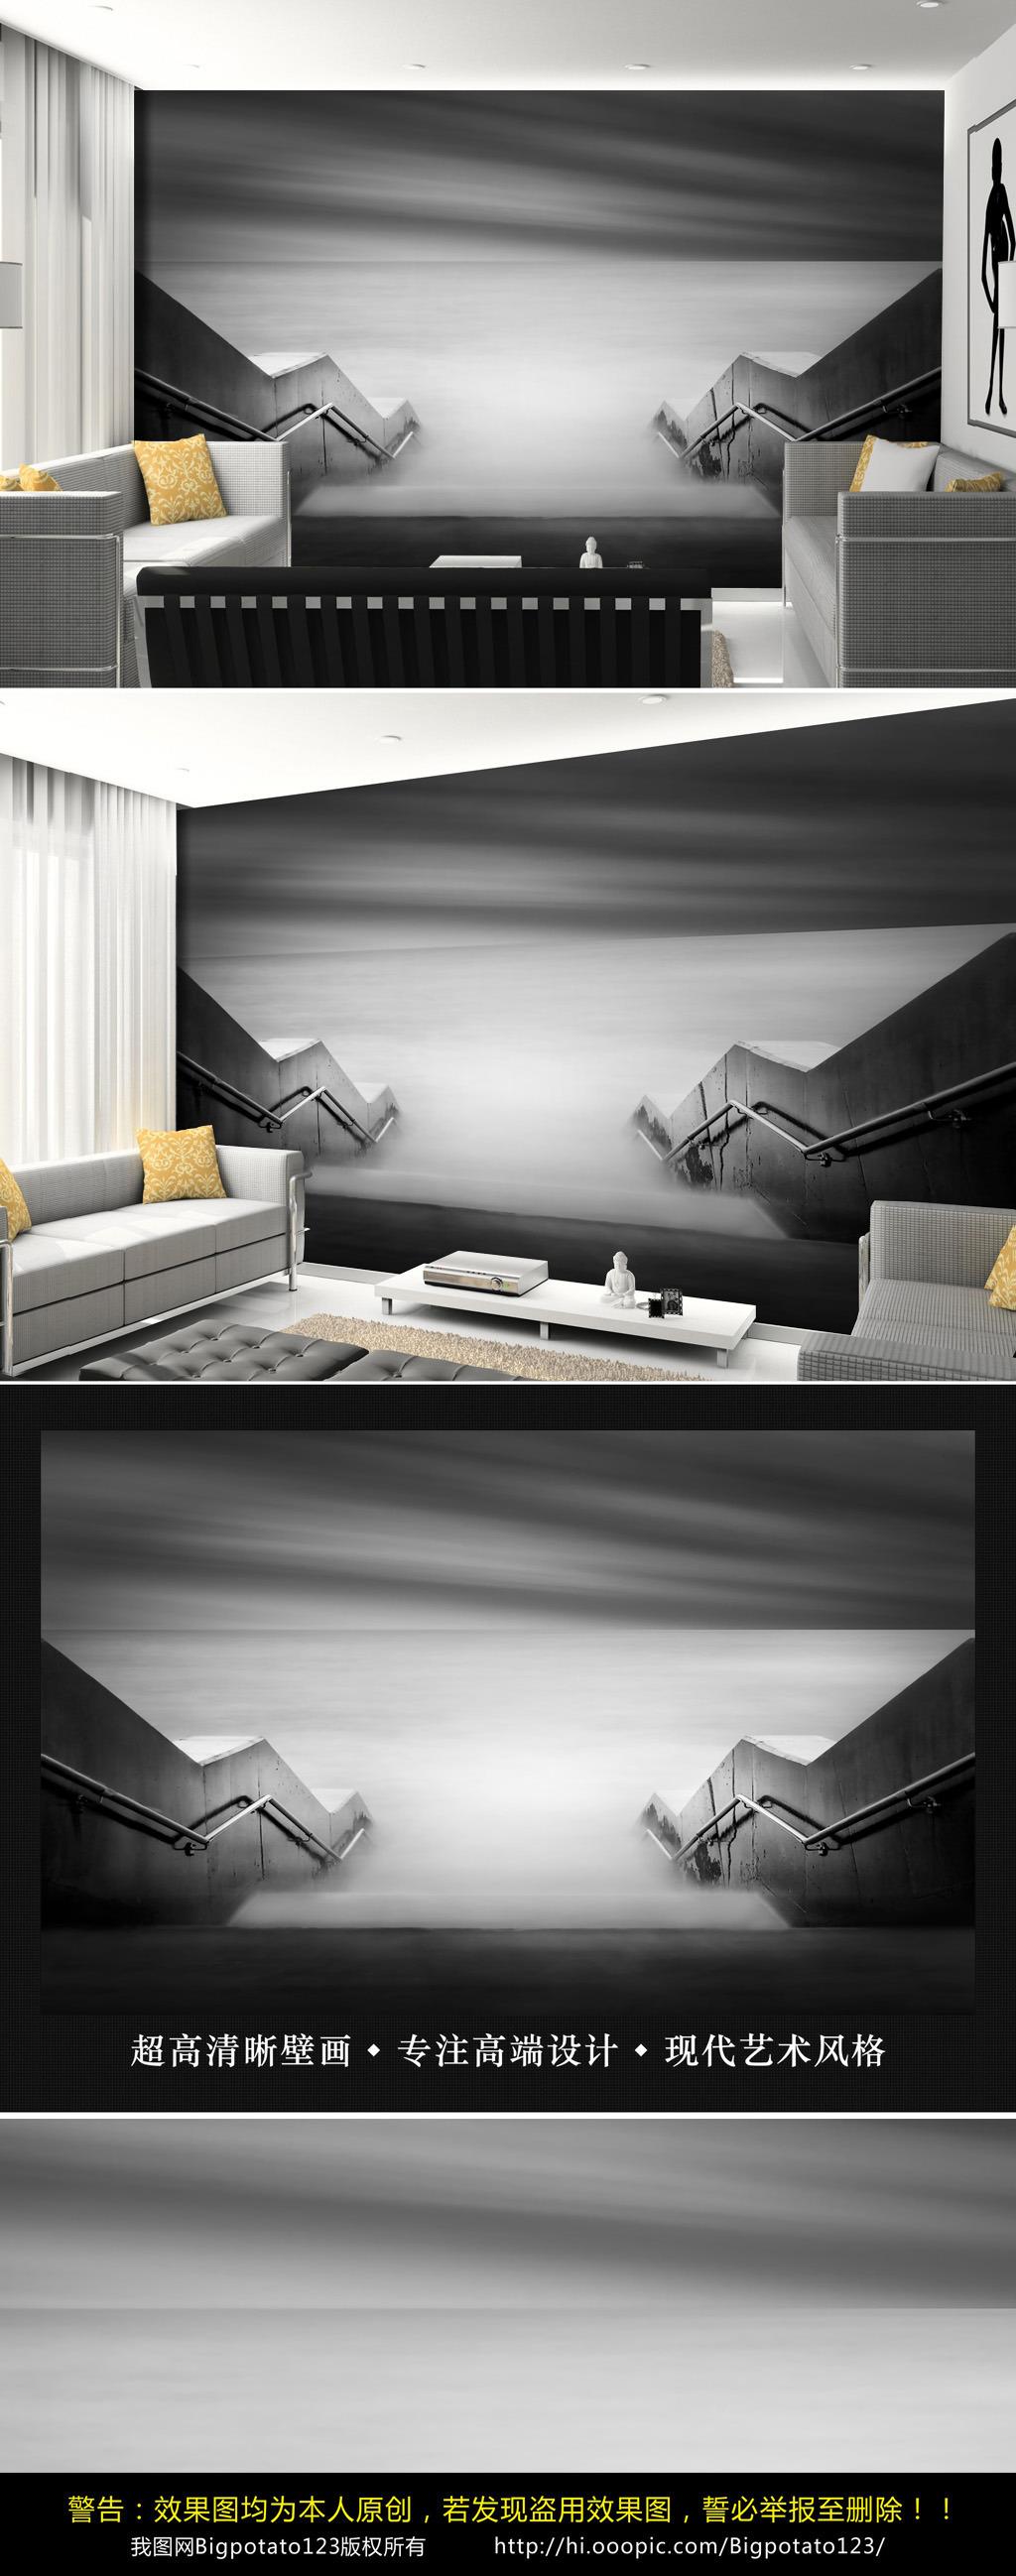 背景墙|装饰画 电视背景墙 客厅电视背景墙 > 黑白摄影风景宁静海景